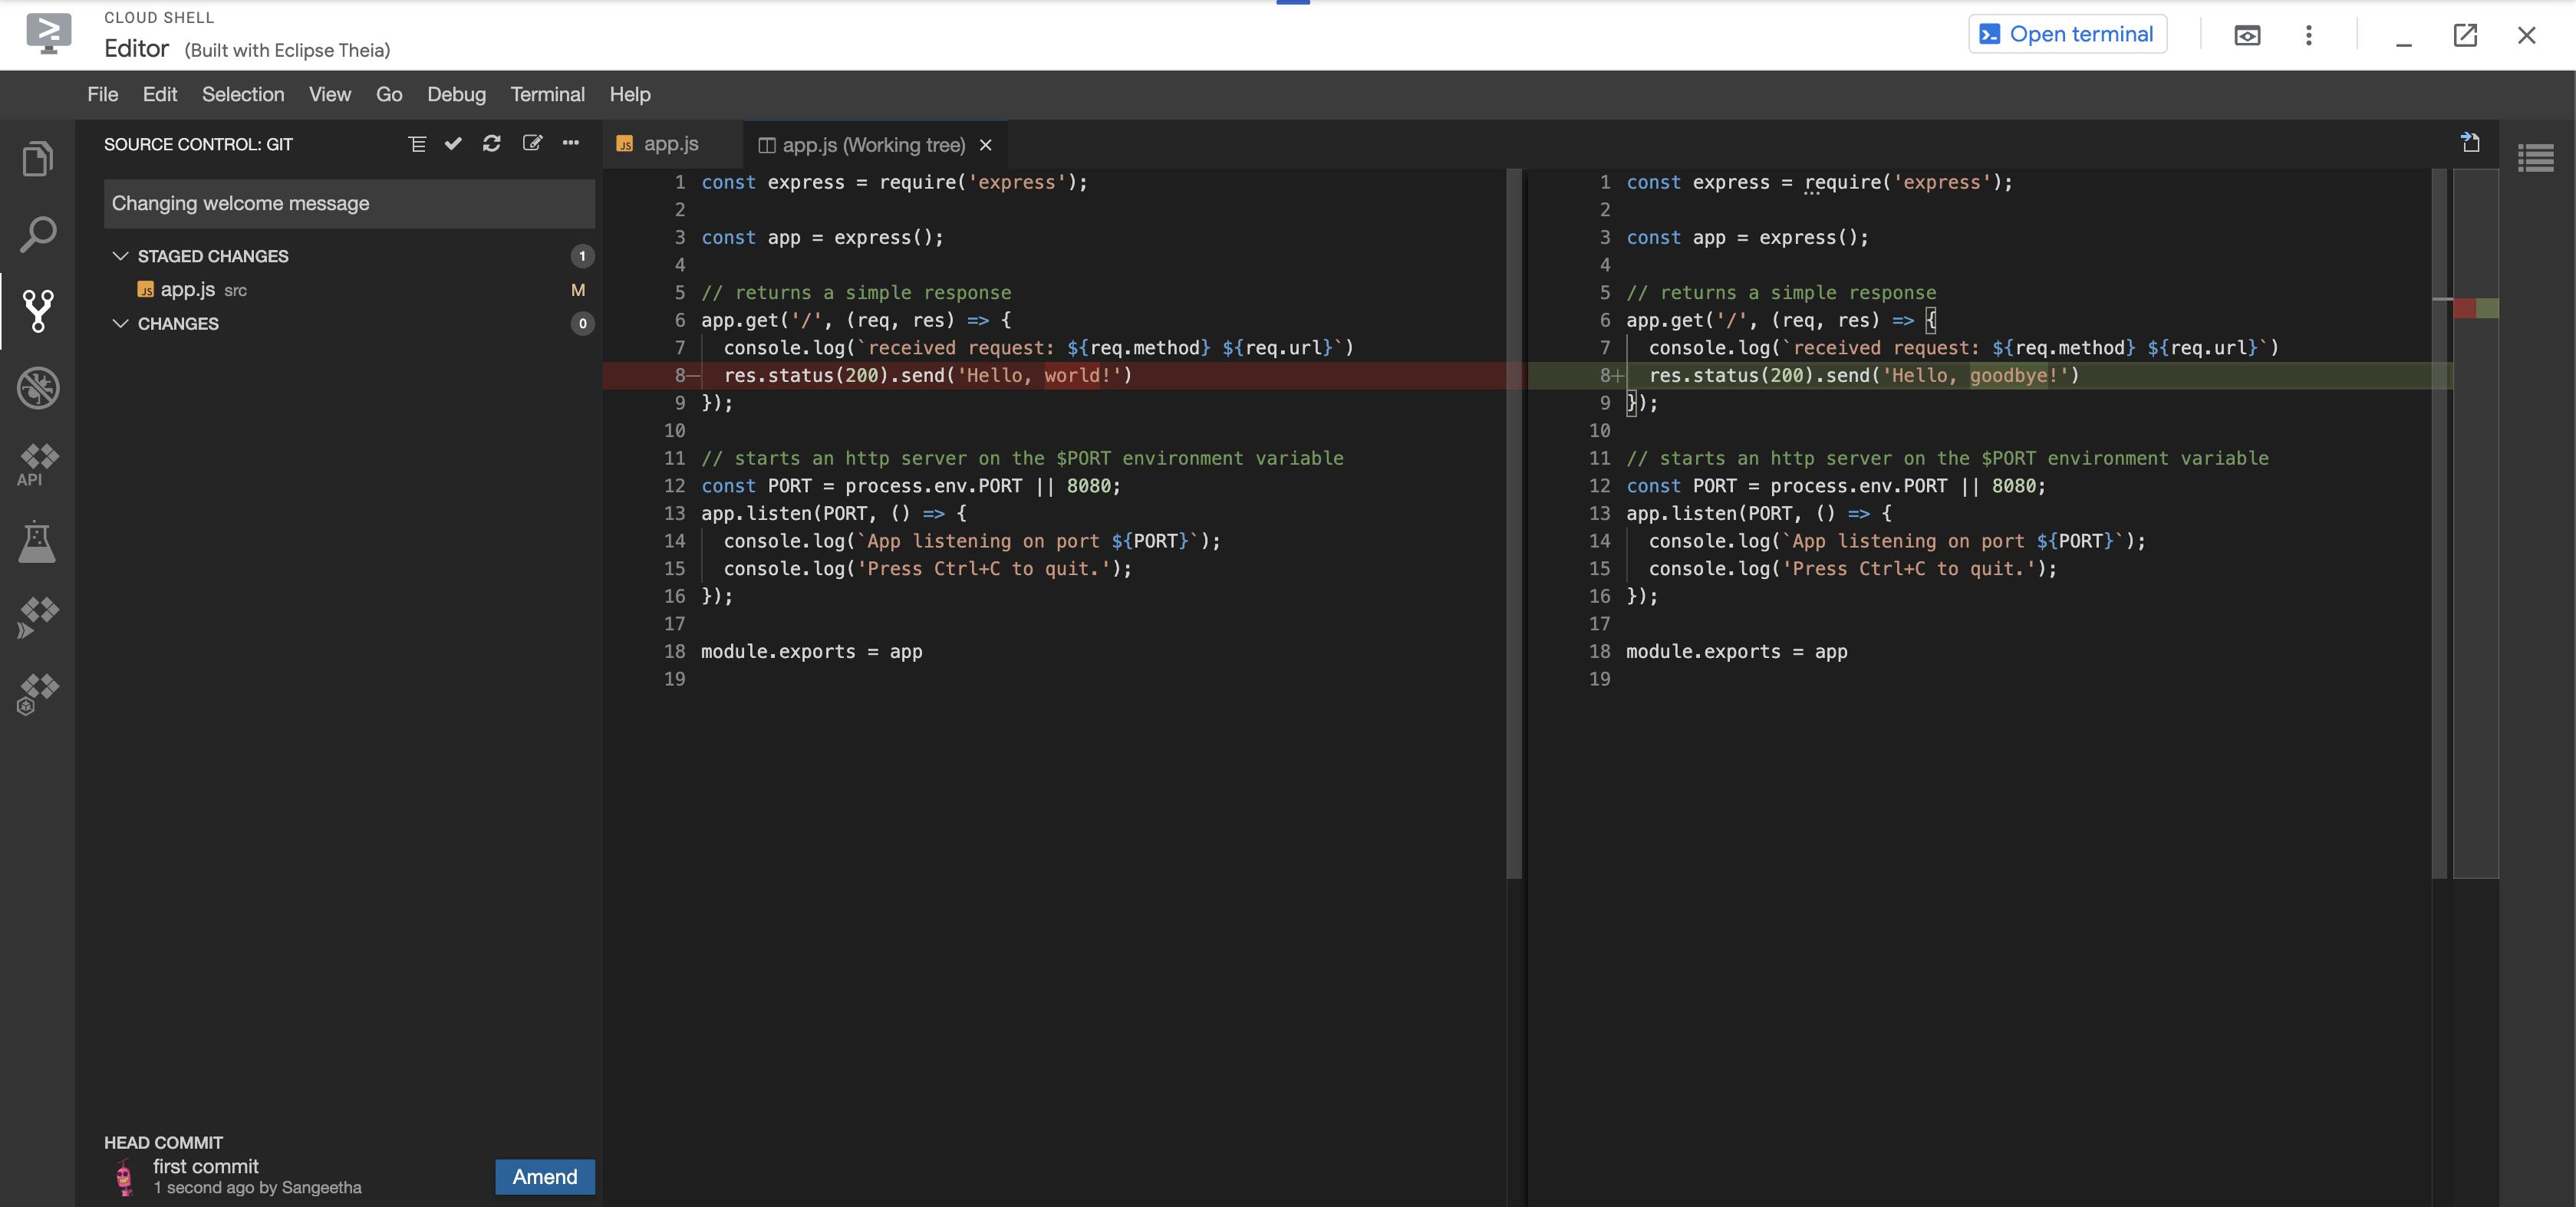 Diferencia entre app.js anteriores y app.js modificadas comparadas con mensajes de confirmación completos y cambios almacenados en etapas intermedias visibles en la vista de árbol